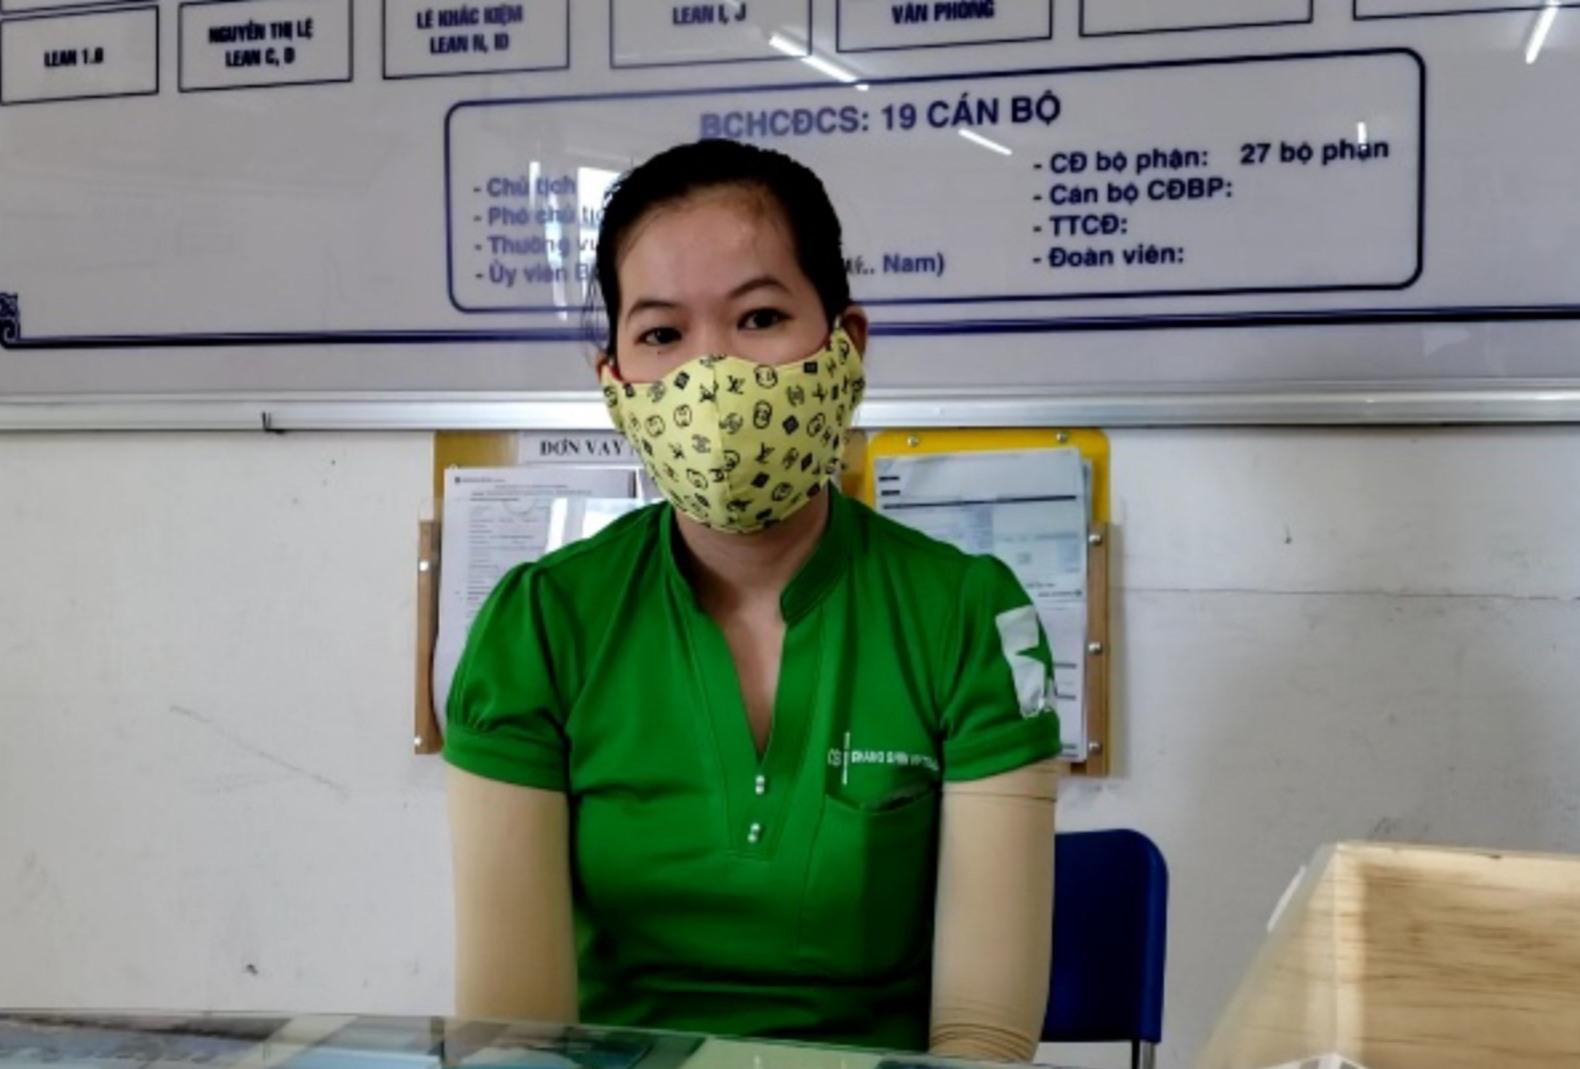 Bến phà tạm ngưng, công nhân Nguyễn Thị Kim Hoà đi làm về nhà lúc nửa đêm do phải đi đường vòng_Ảnh: HAC